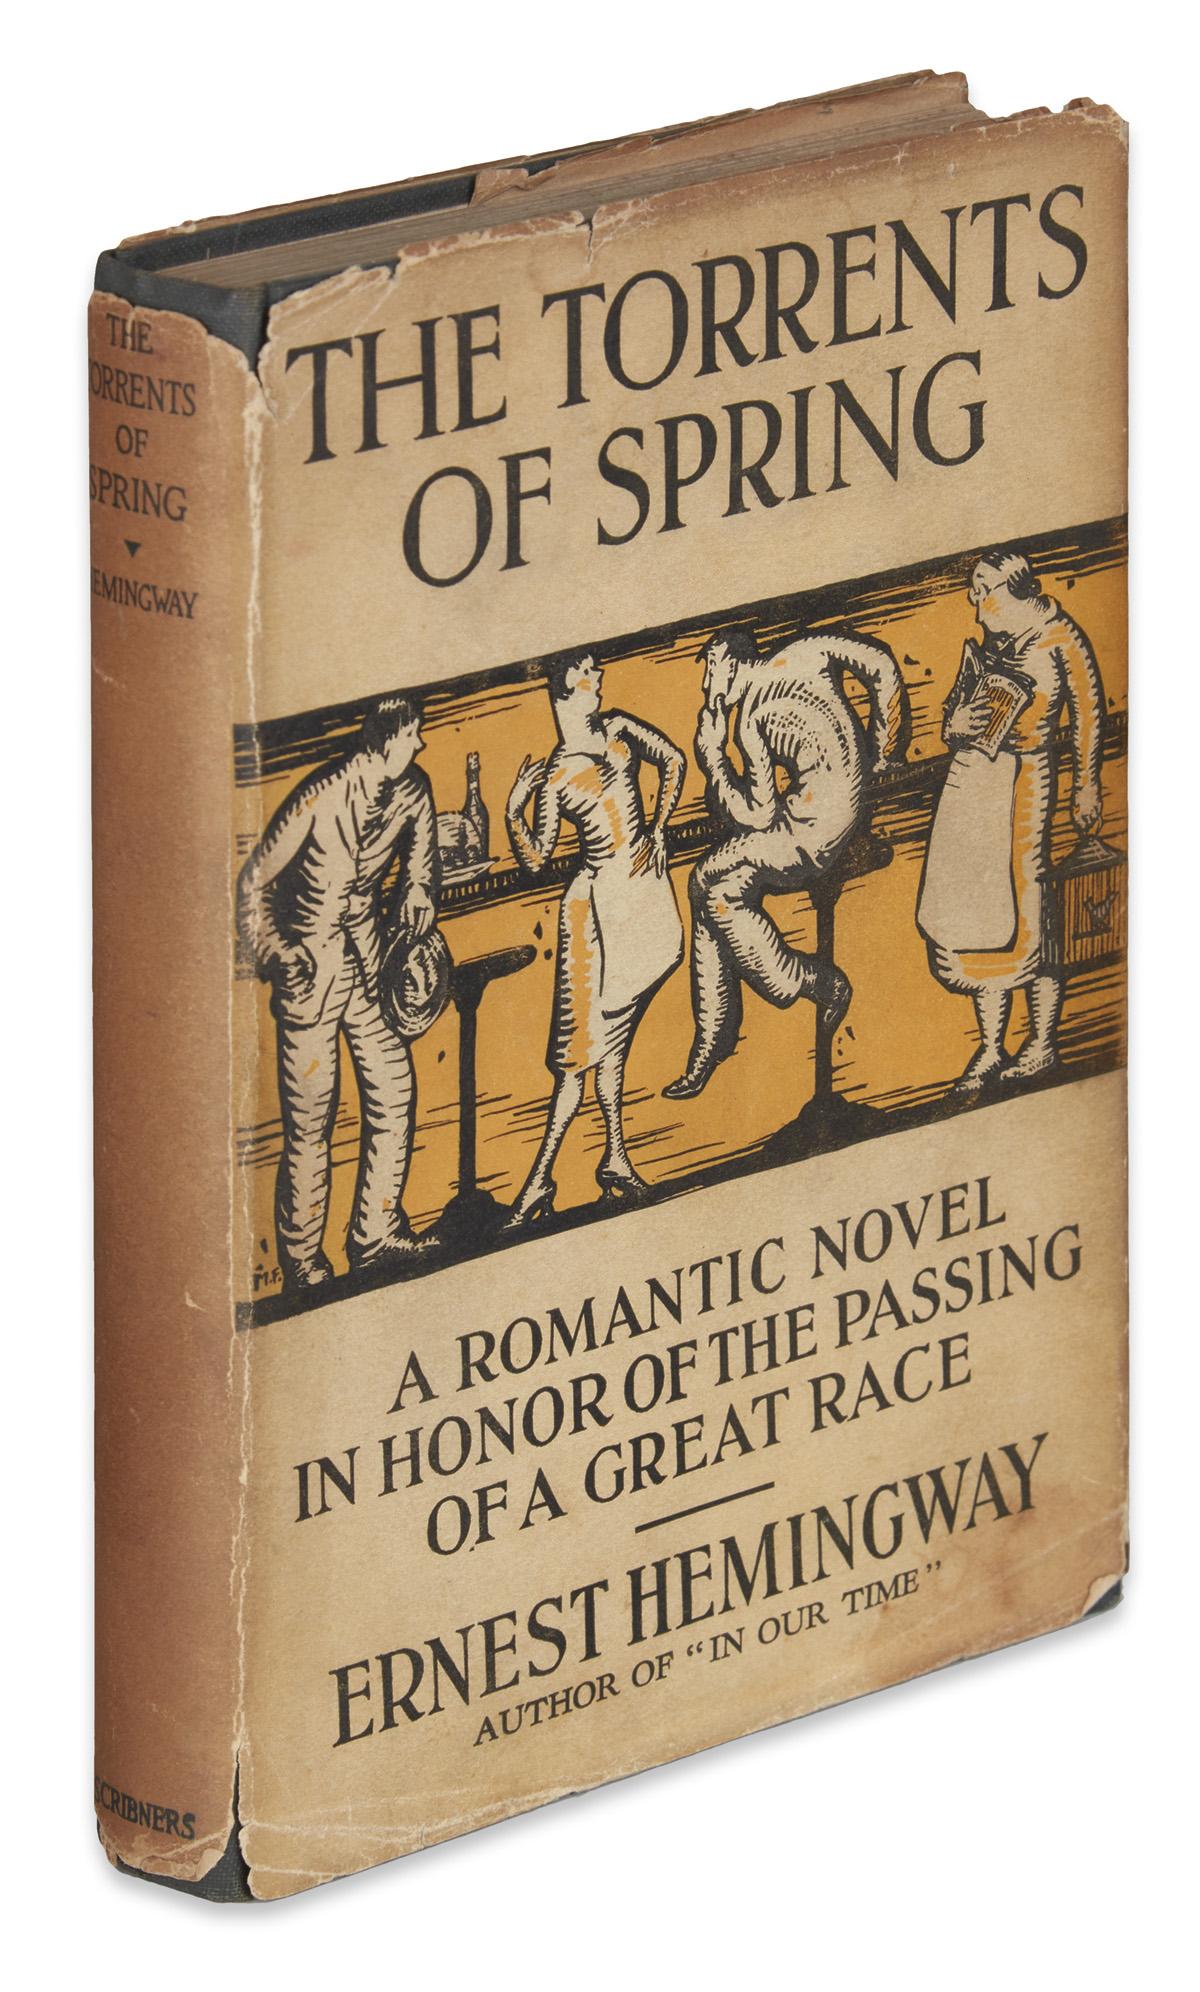 HEMINGWAY-ERNEST-The-Torrents-of-Spring